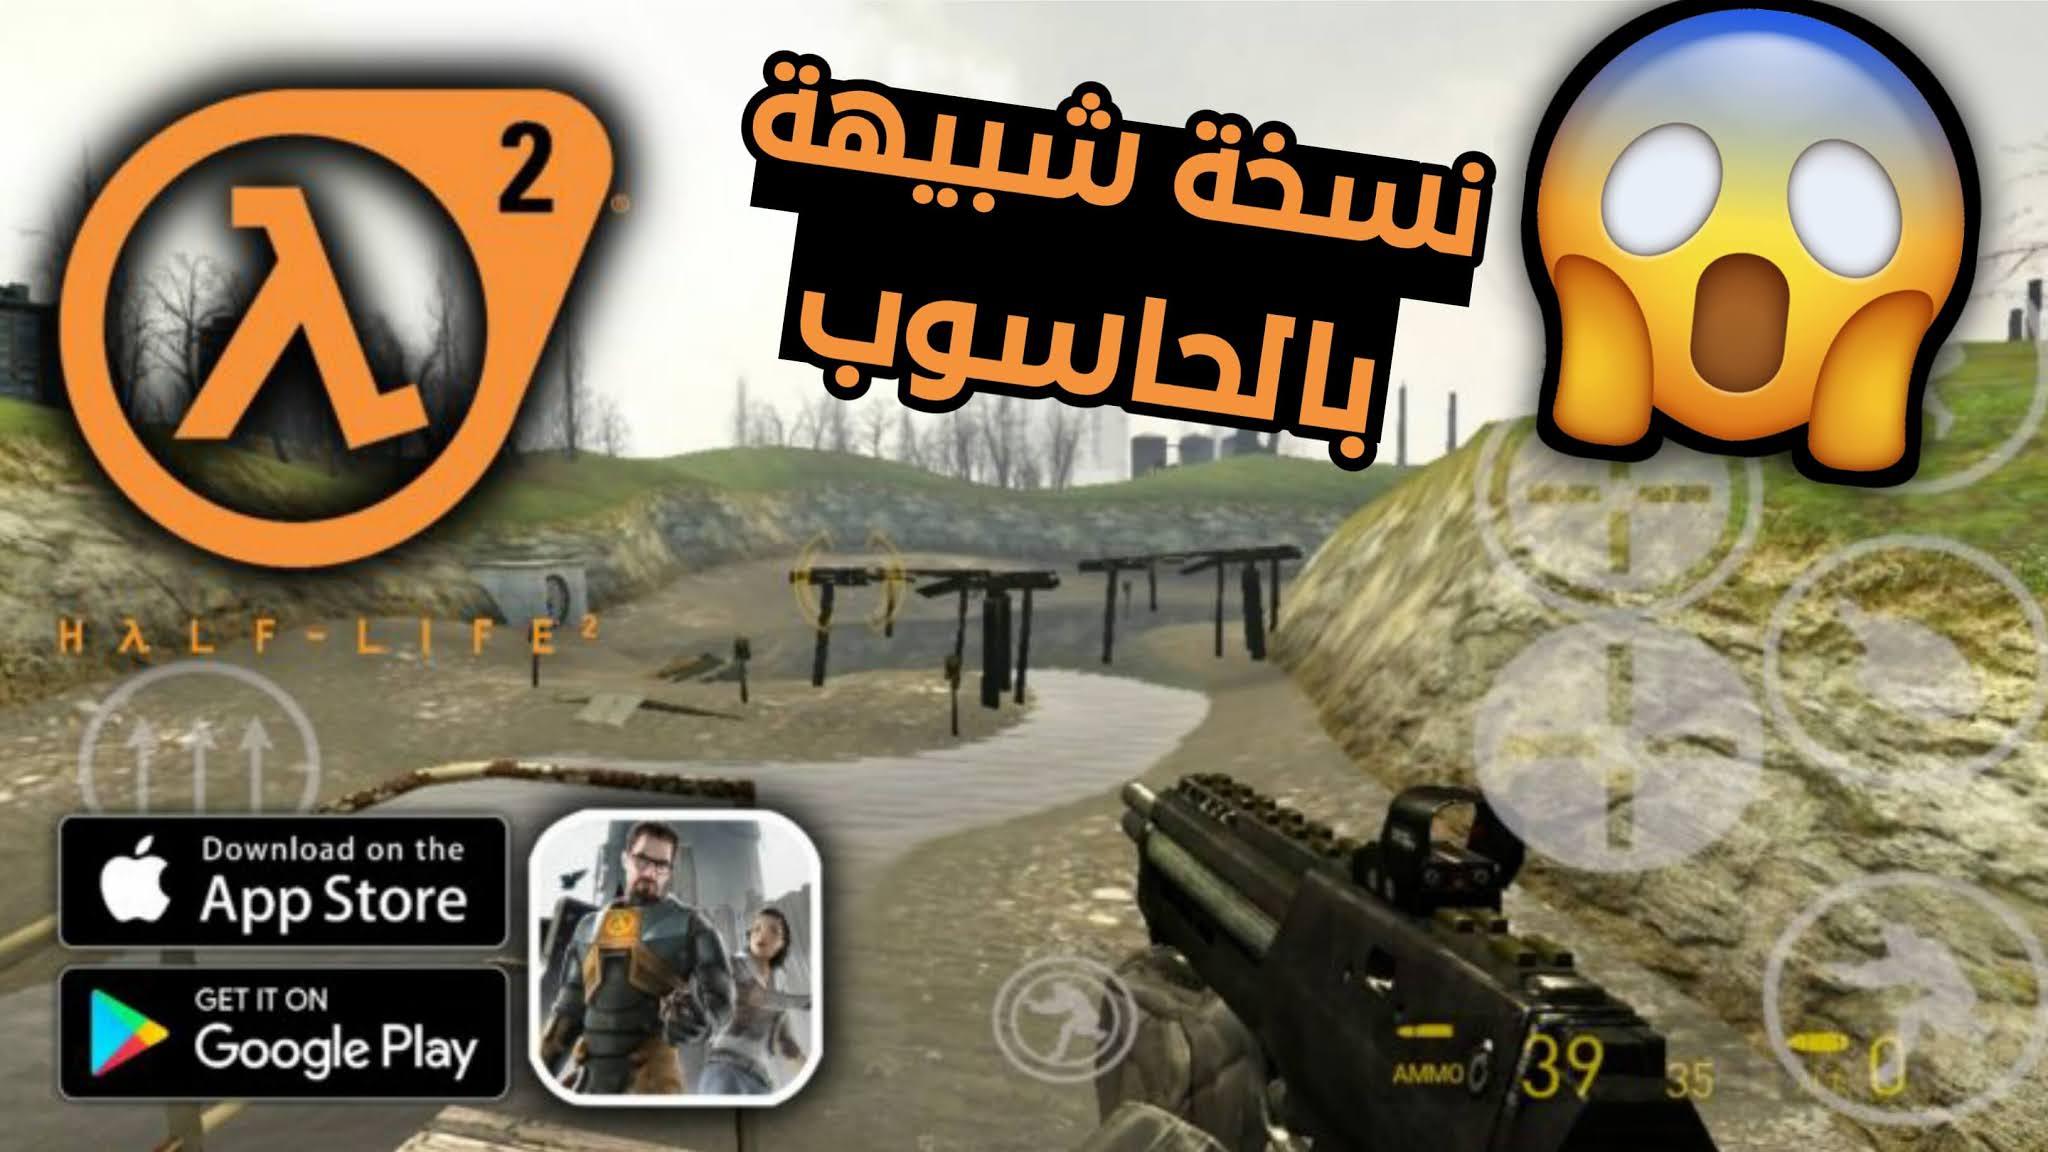 تحميل لعبة Half-Life 2 الأصلية للأندرويد